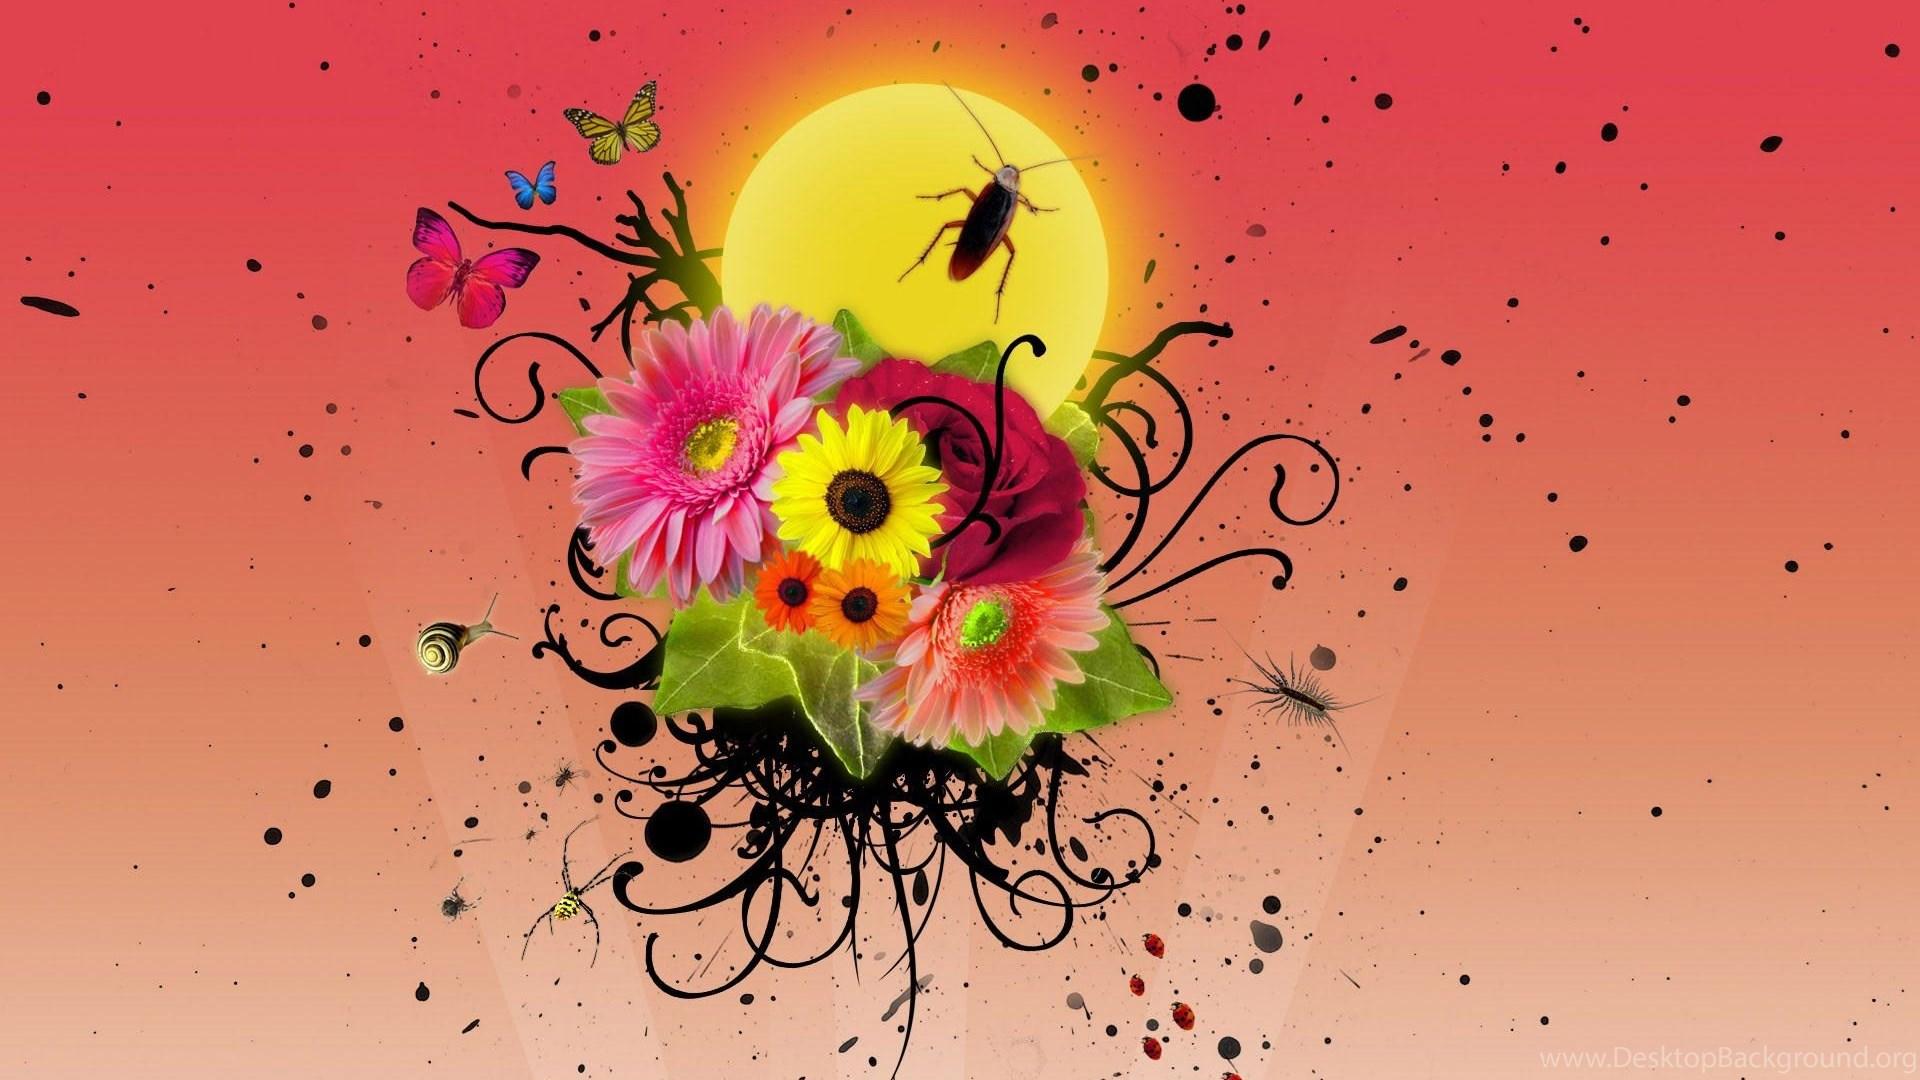 Desktop Wallpapers Gallery Windows 7 Romantic Art Backgrounds